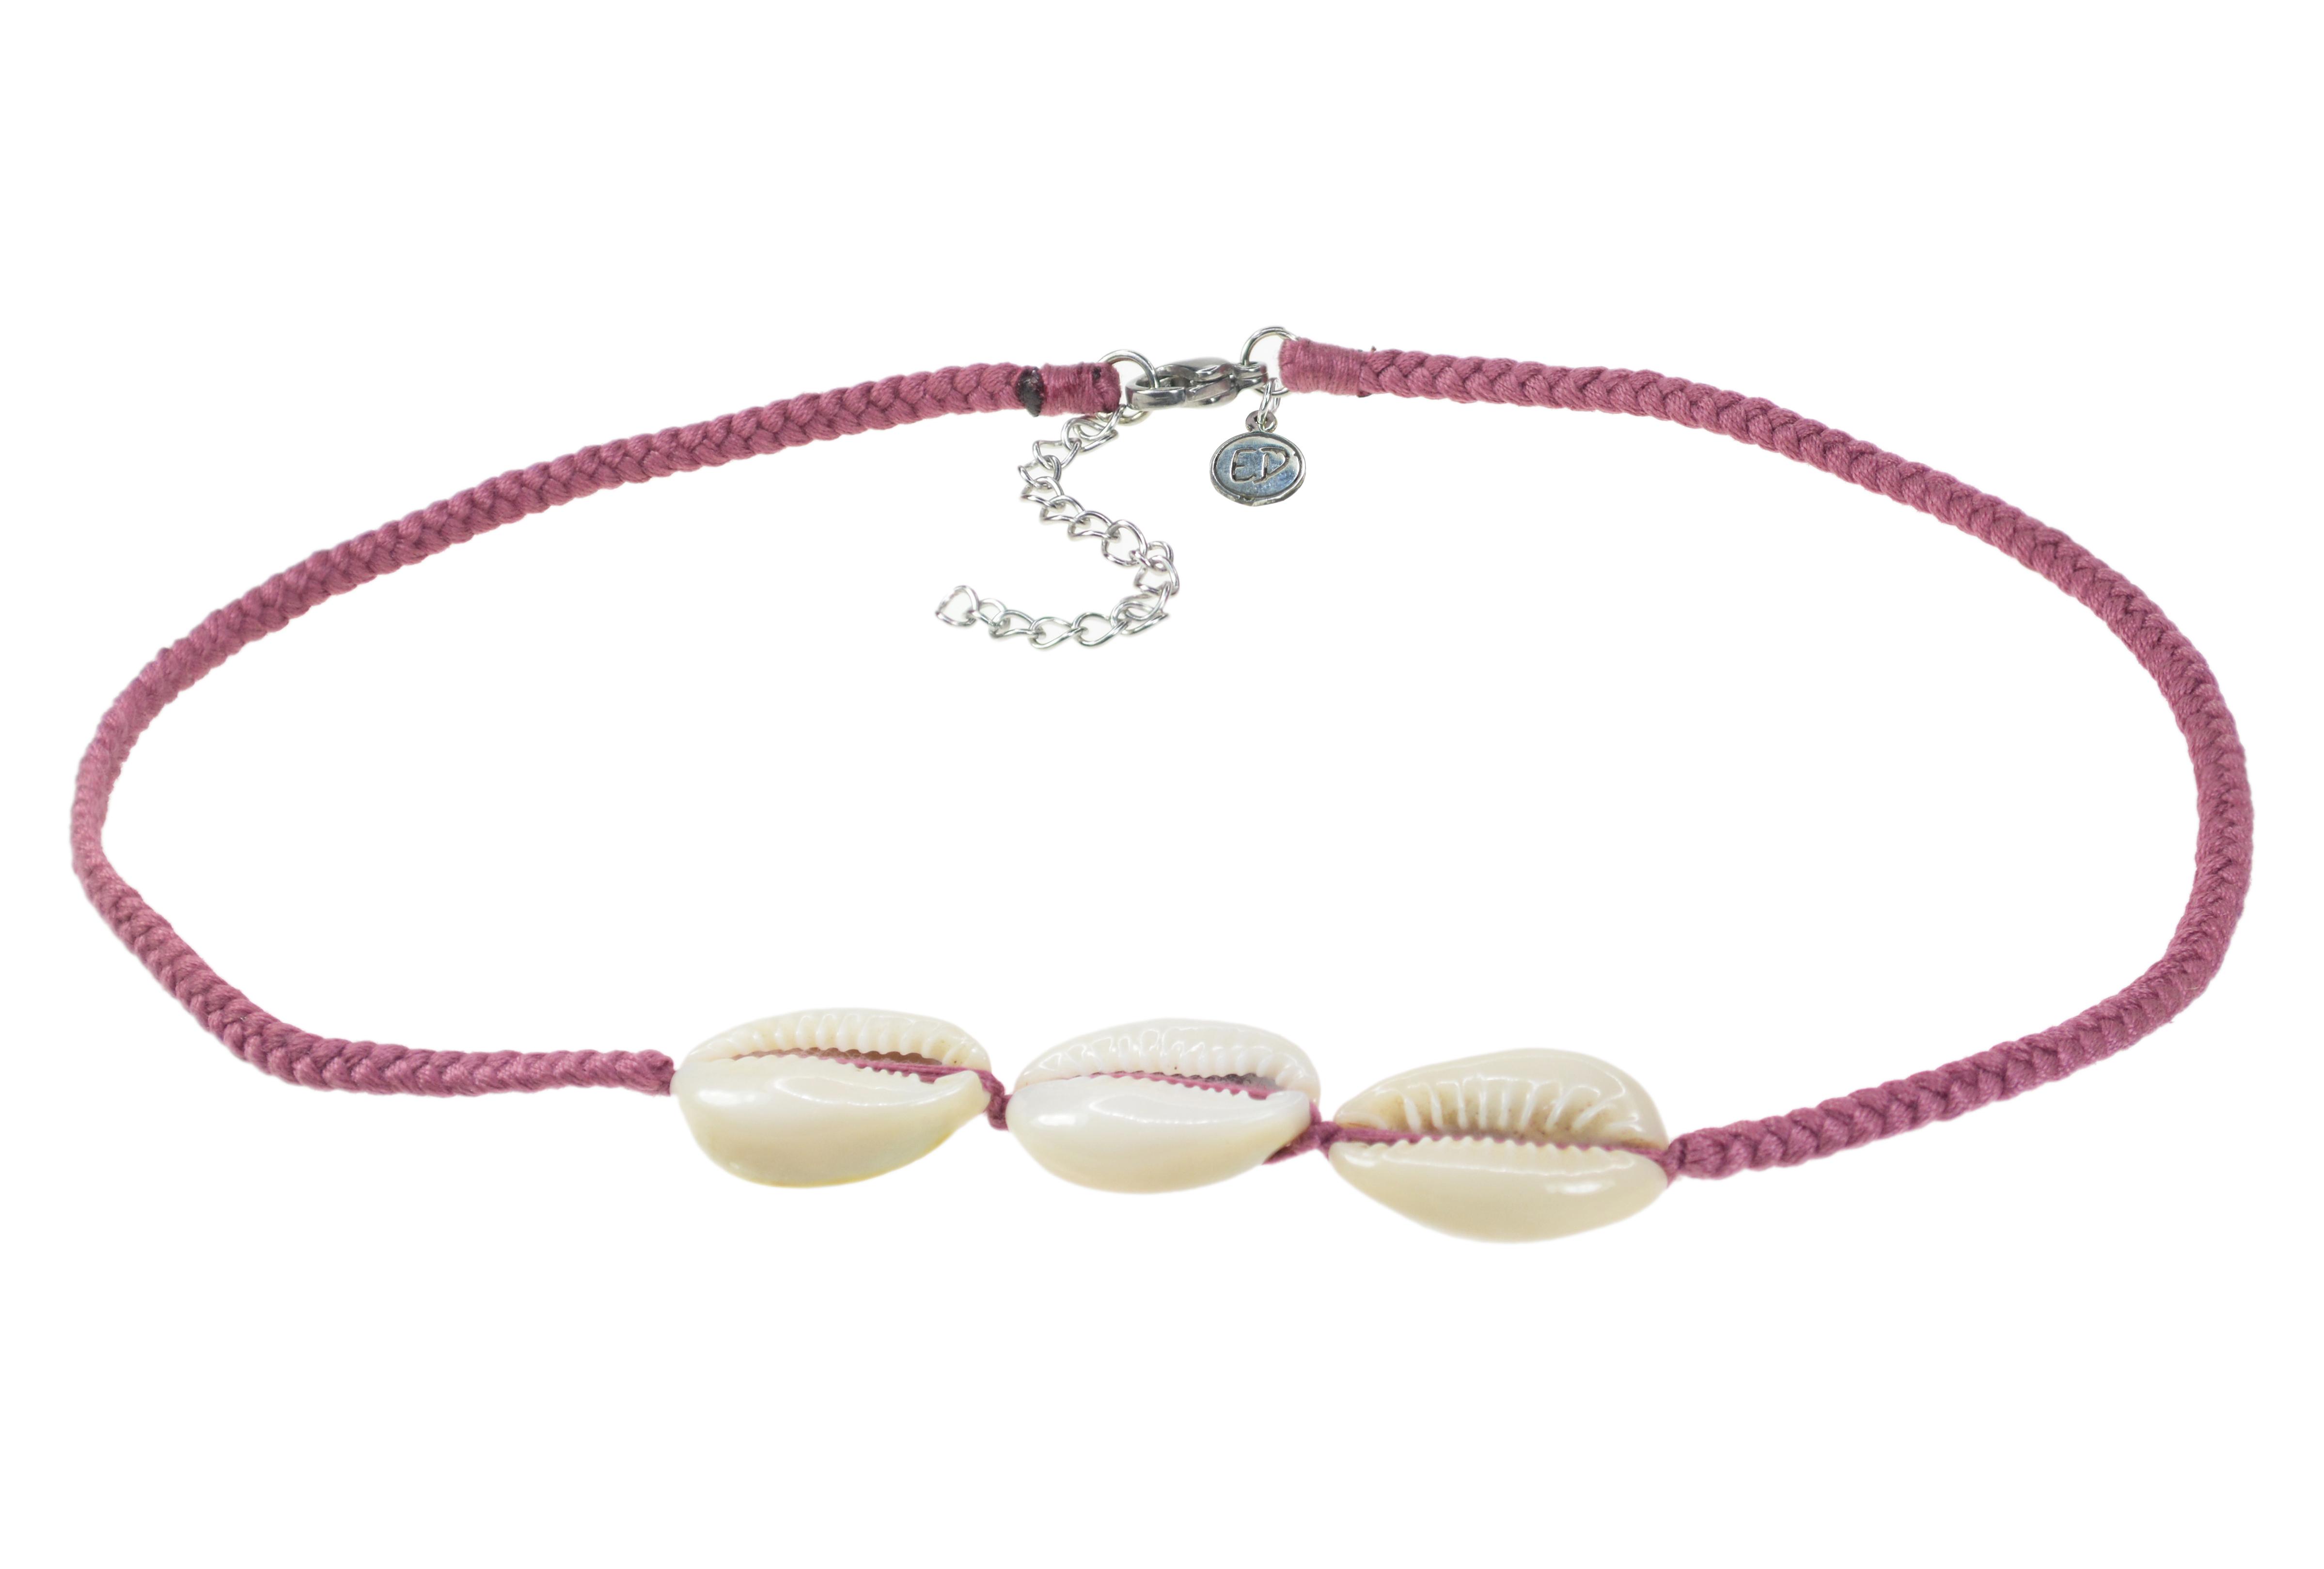 Dámsky ručne pletený náhrdelník  s tromi mušľami - Cassis